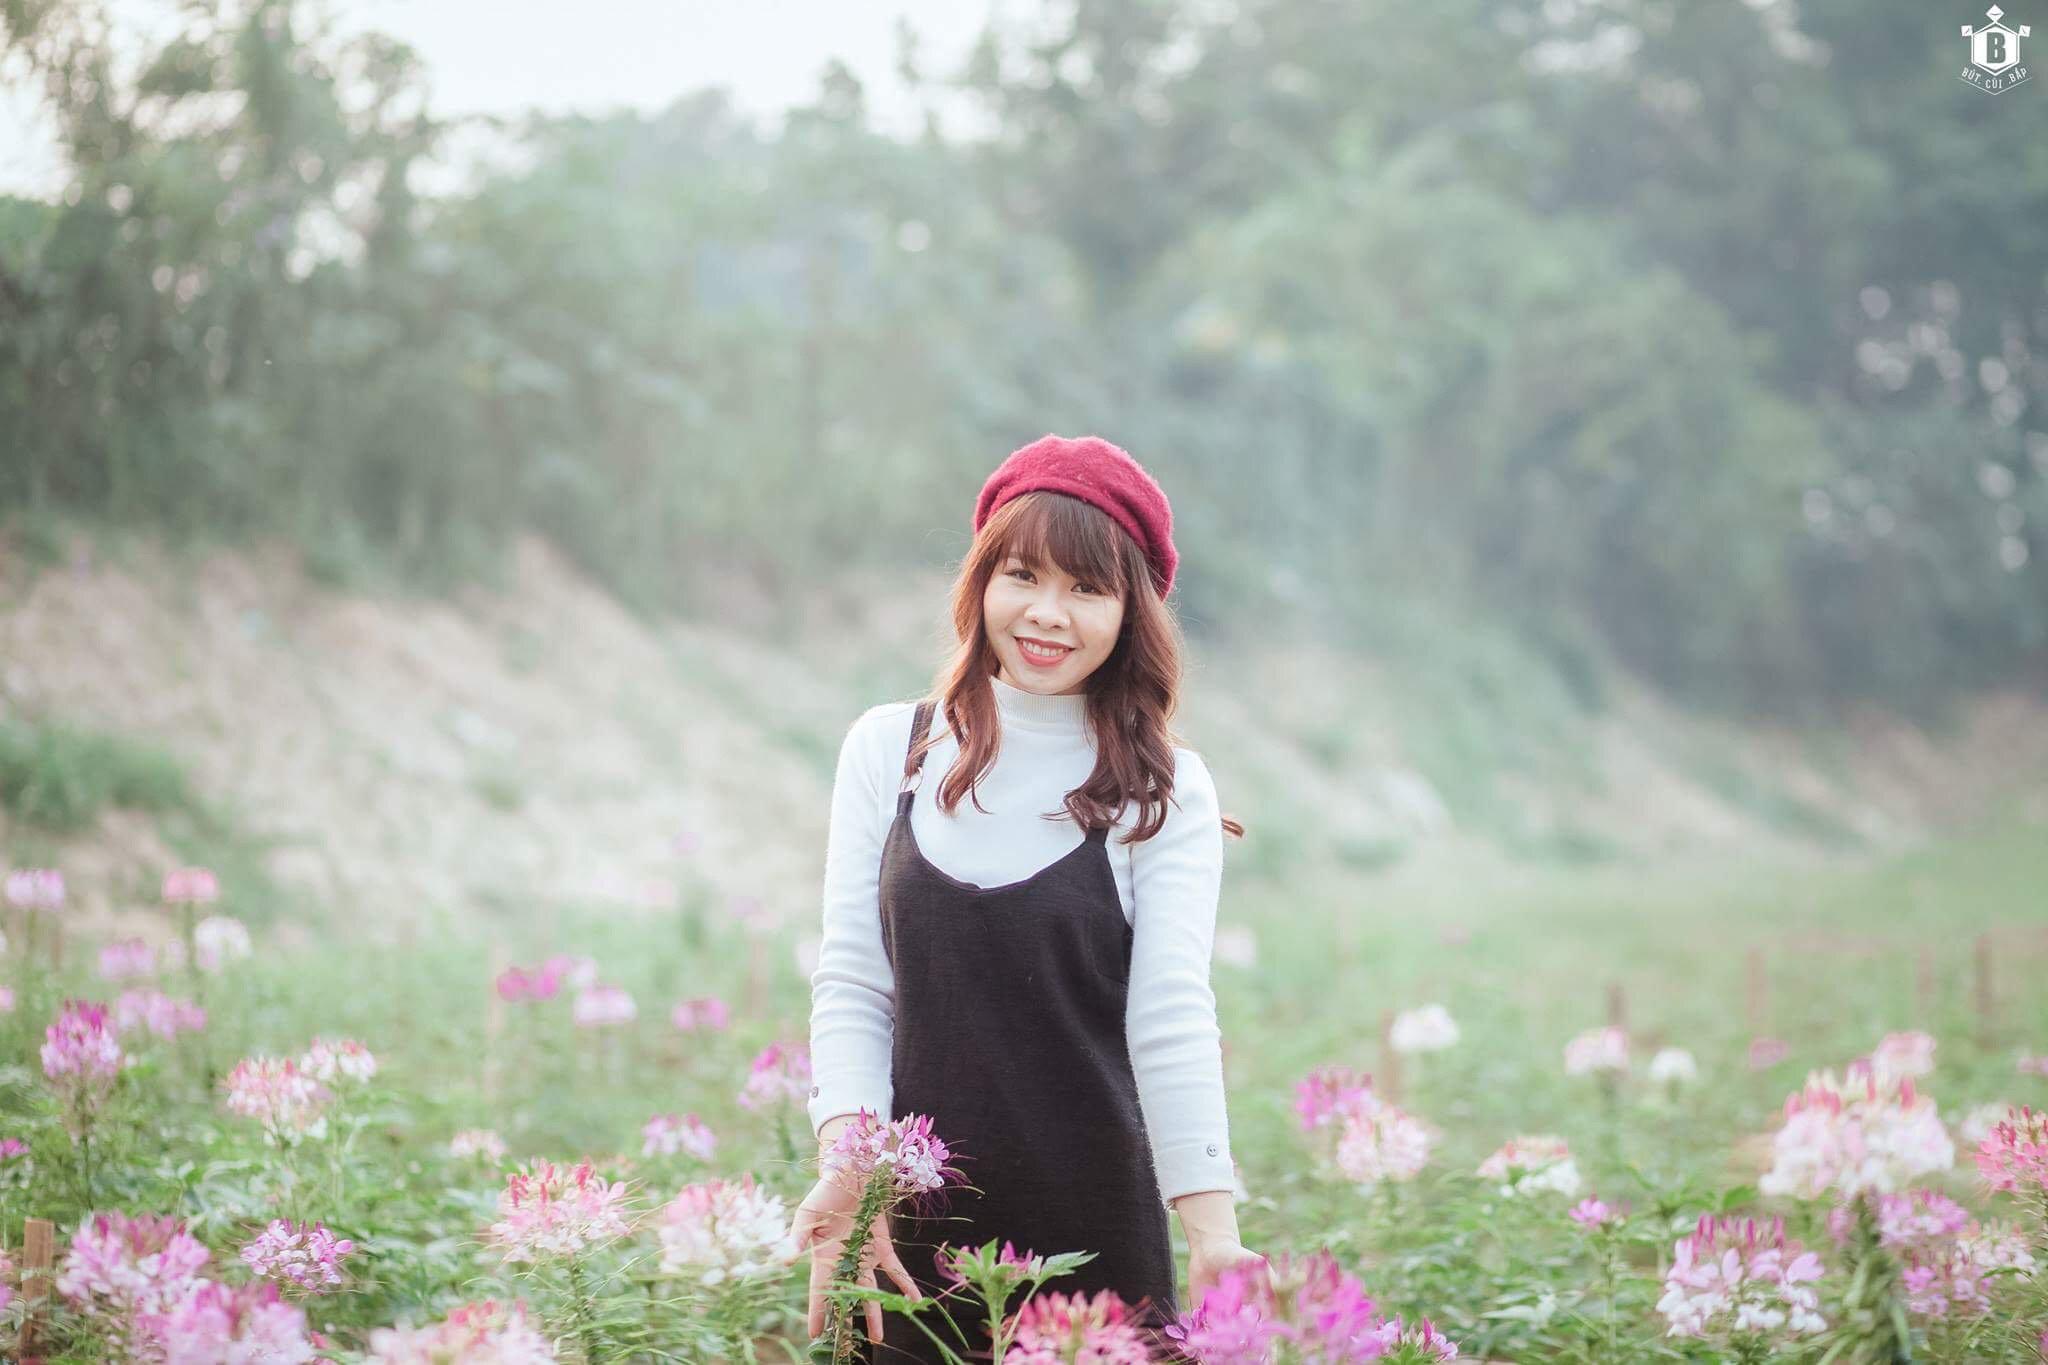 TỰ HỌC TIẾNG HÀN CÙNG TRANG KOREAN-SƠ CẤP 2